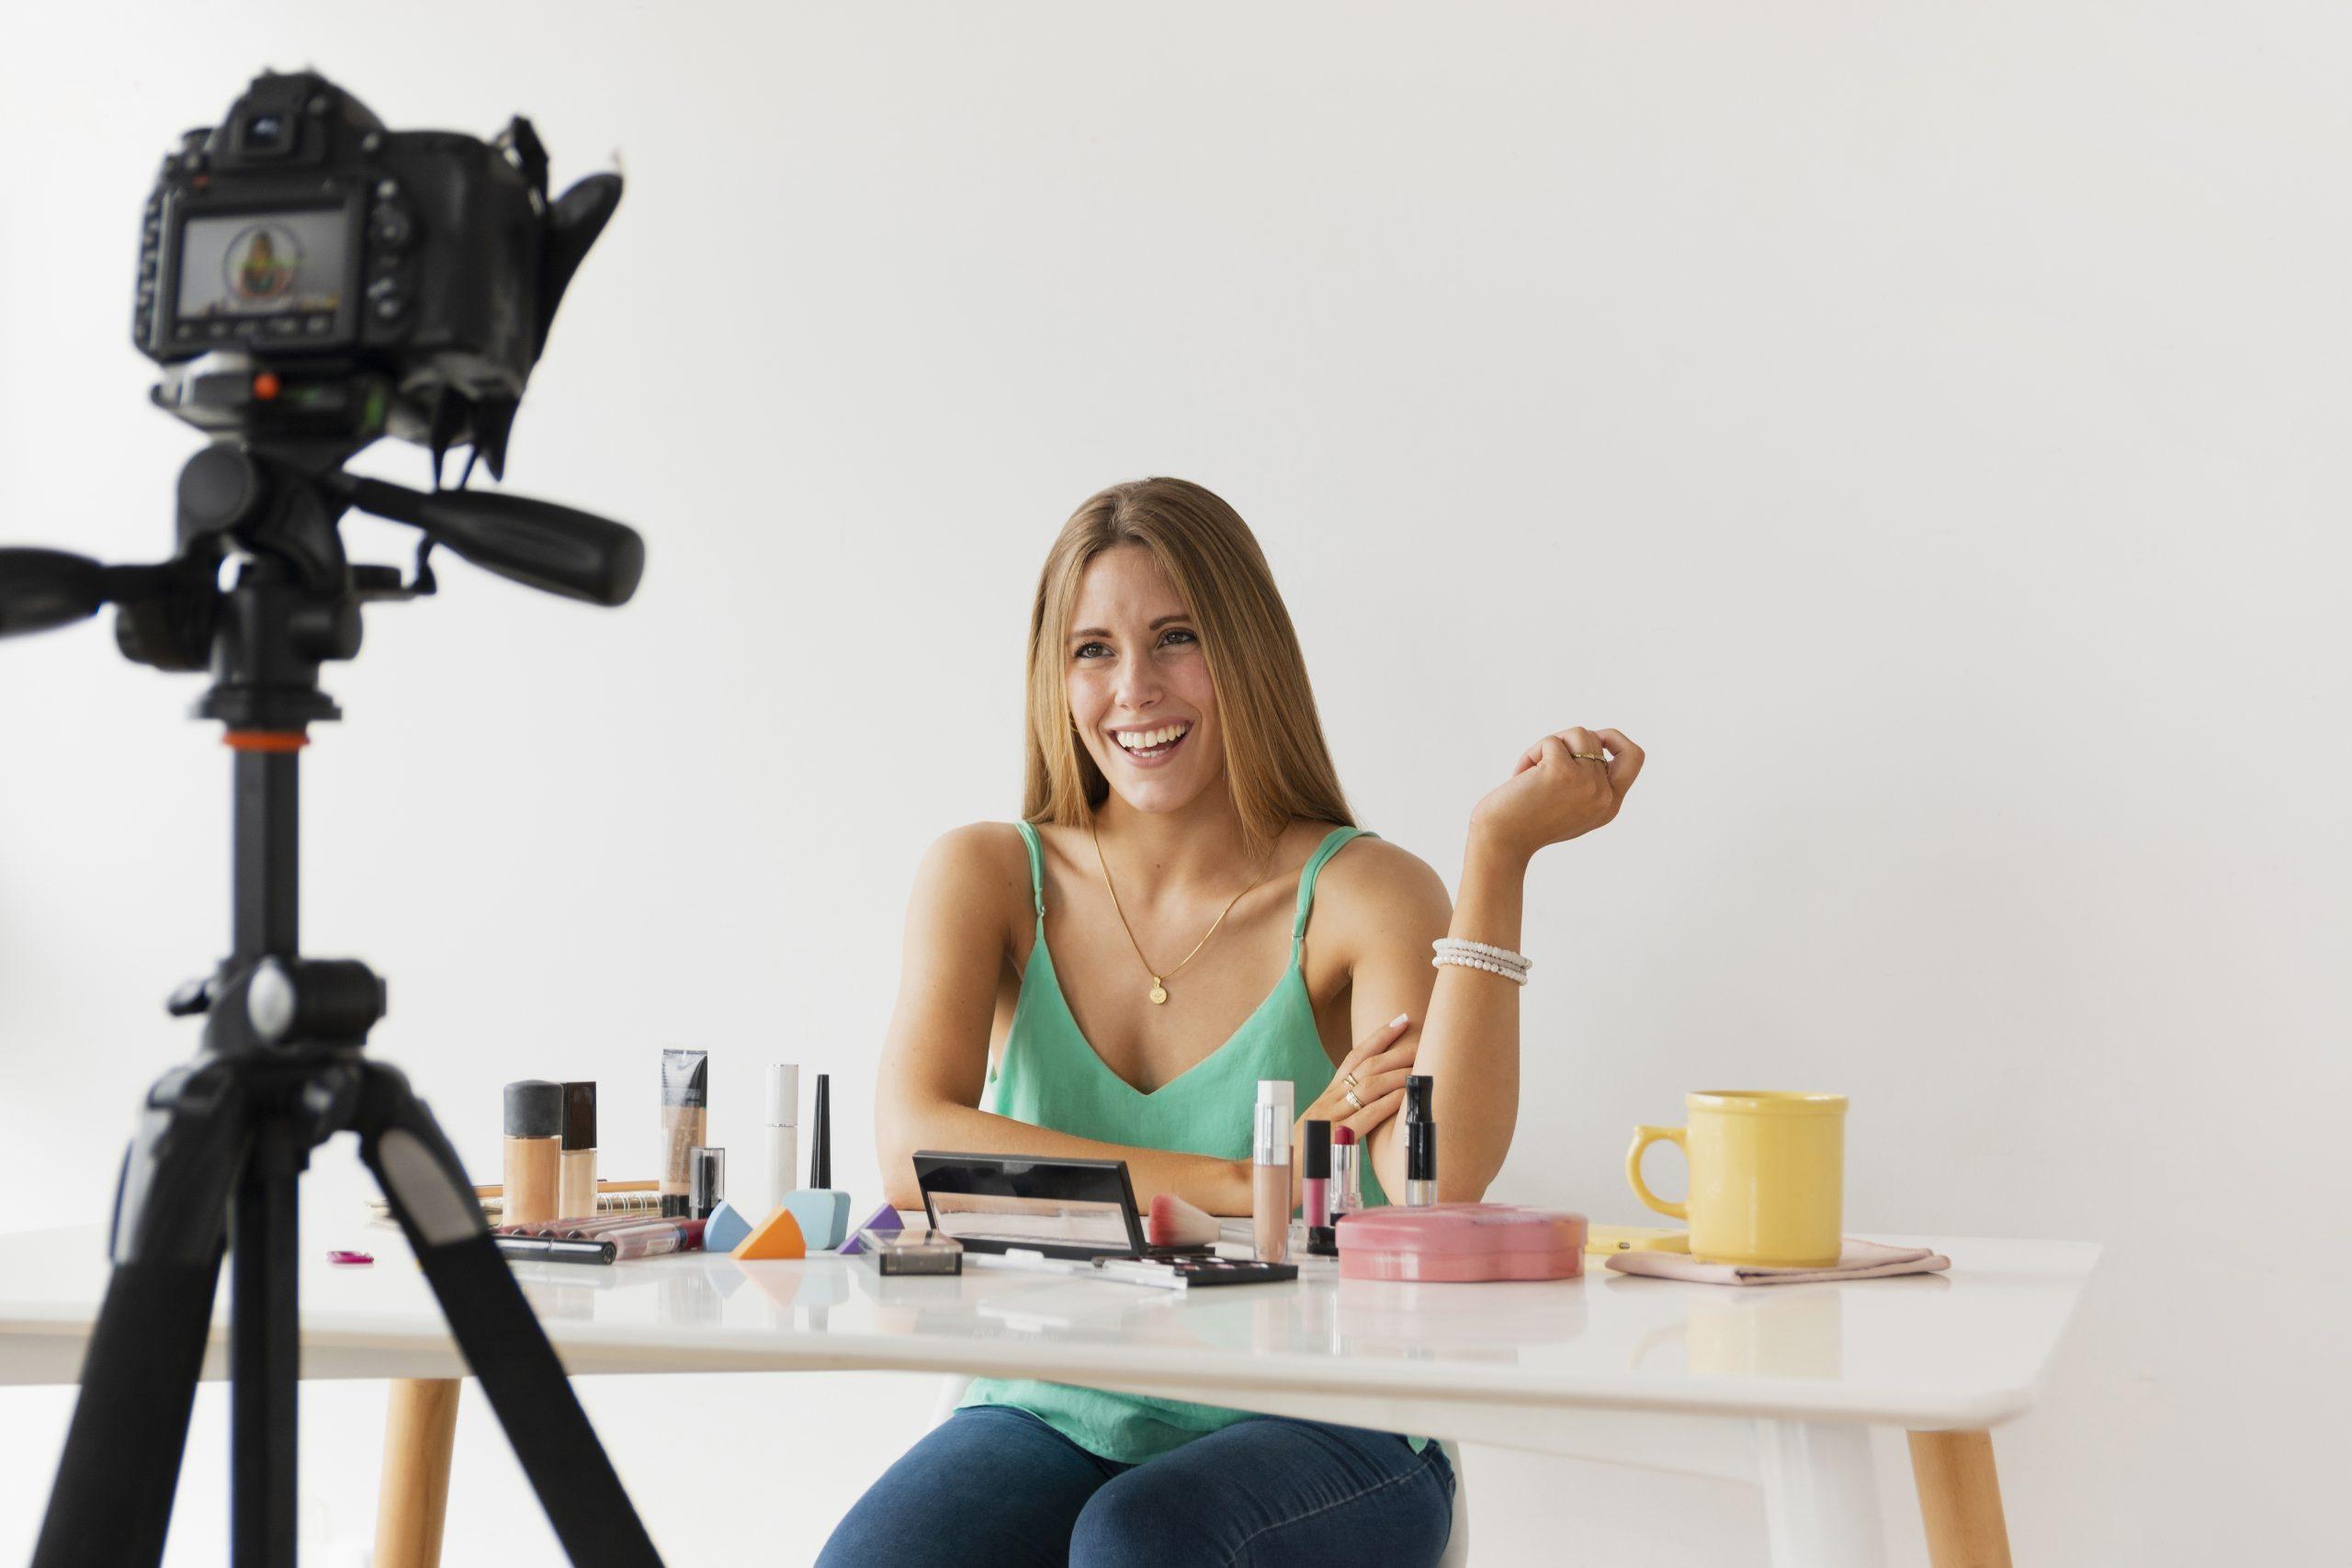 Cómo trabajar con microinfluencers para tener éxito en tus campañas